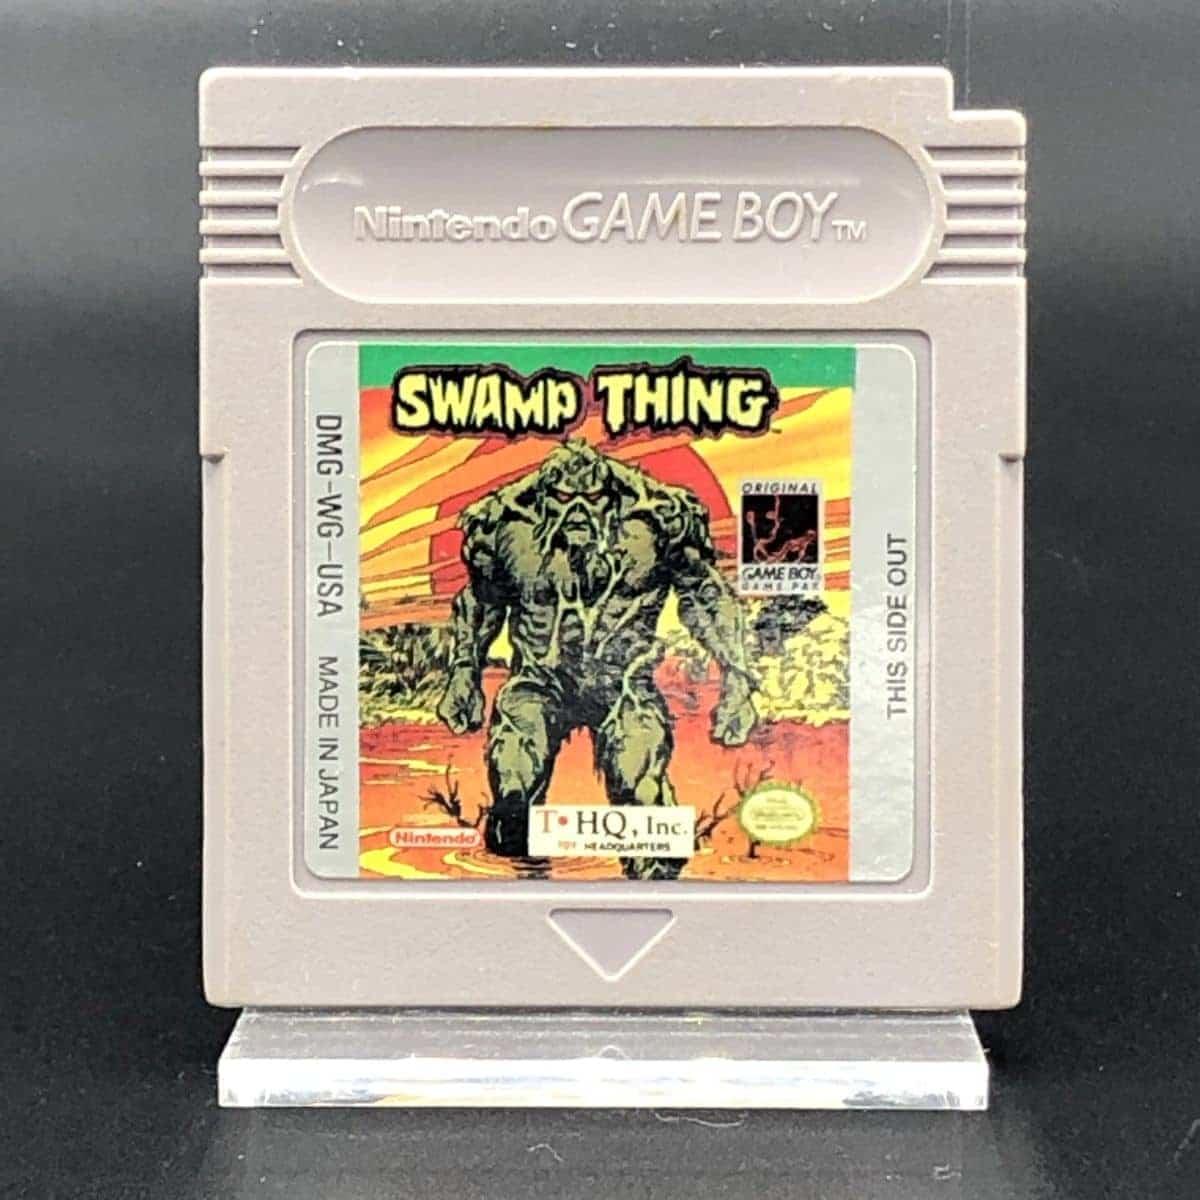 GB Swamp Thing (Modul) (Gut) Nintendo Game Boy